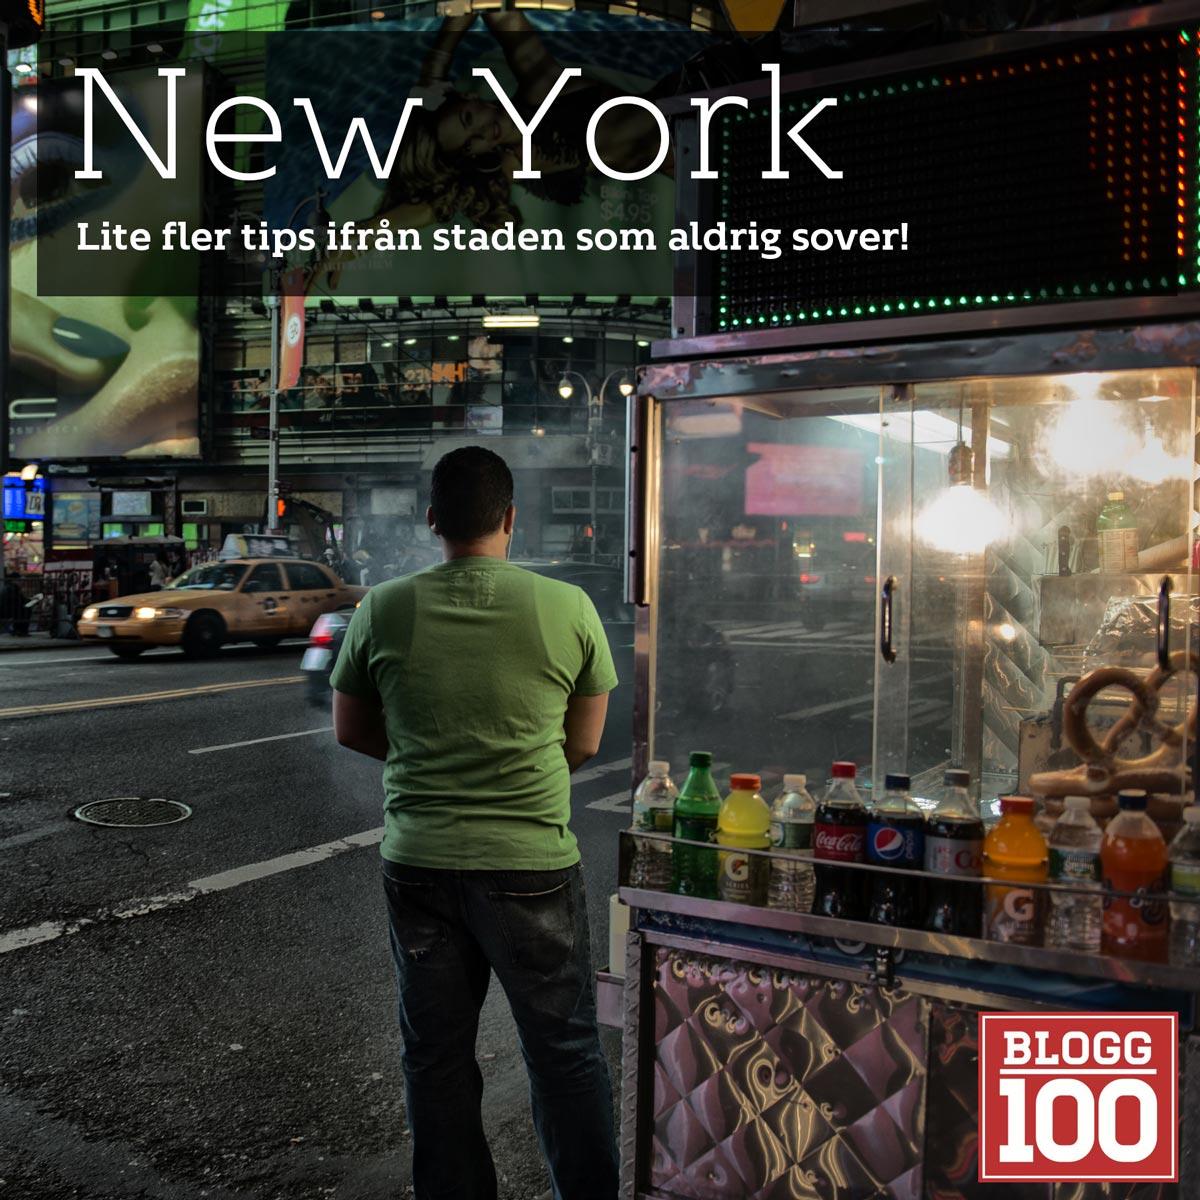 New York, fler små tips #blogg100 #fb